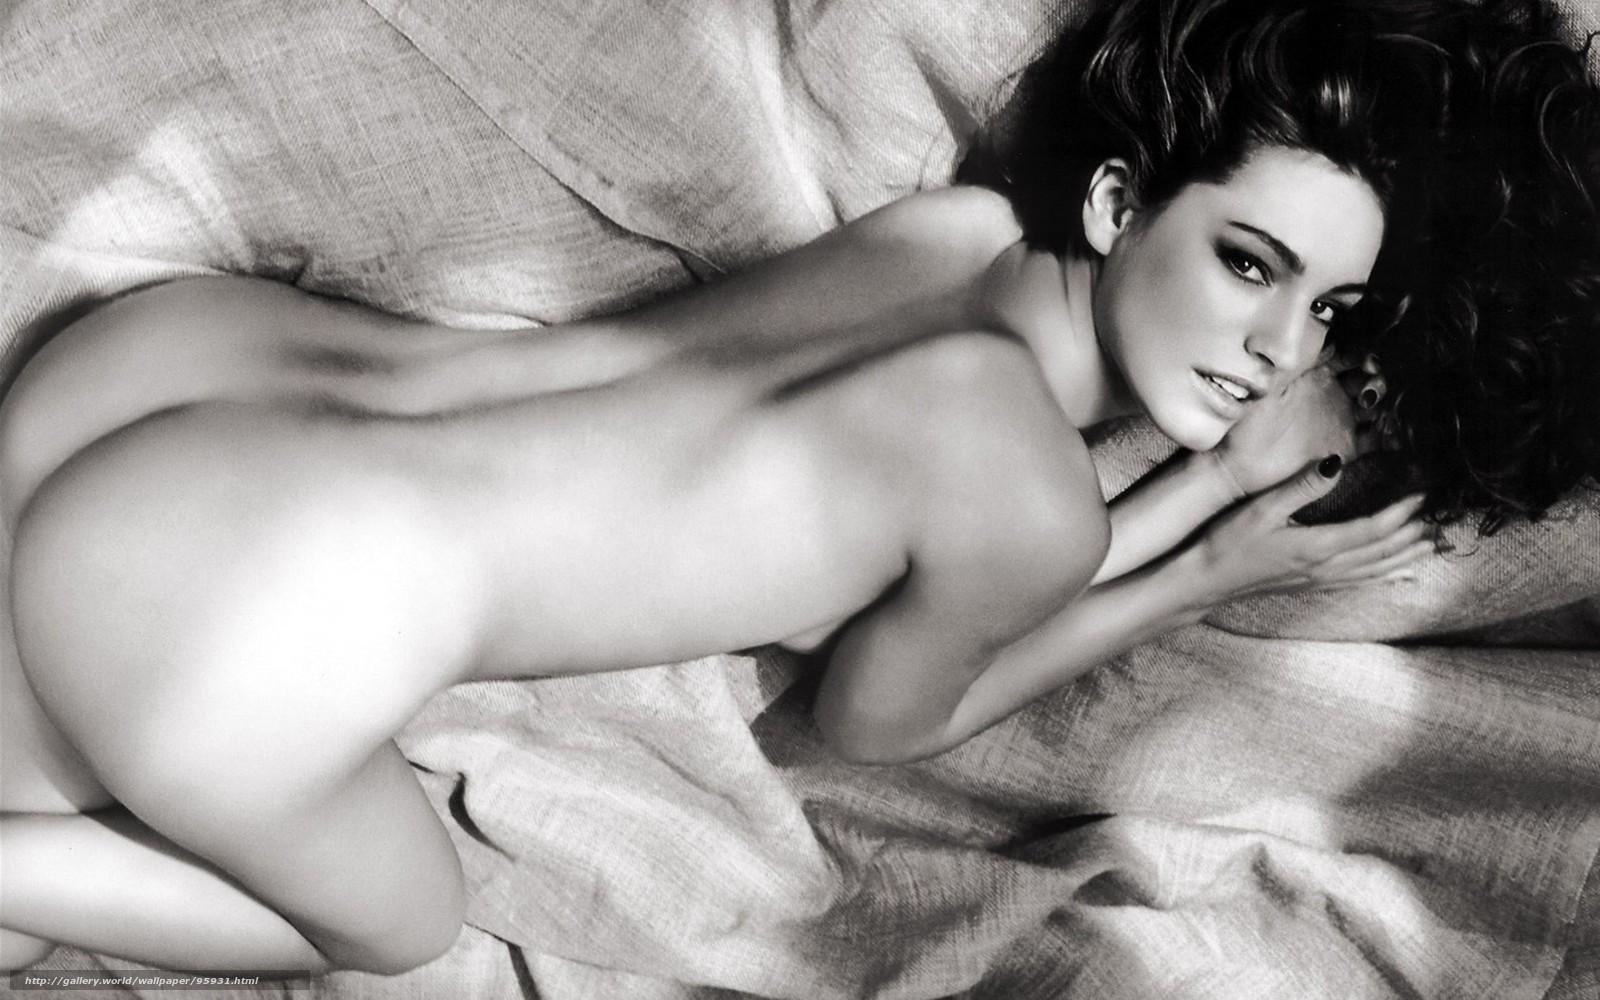 Черно белый половой акт фото 15 фотография